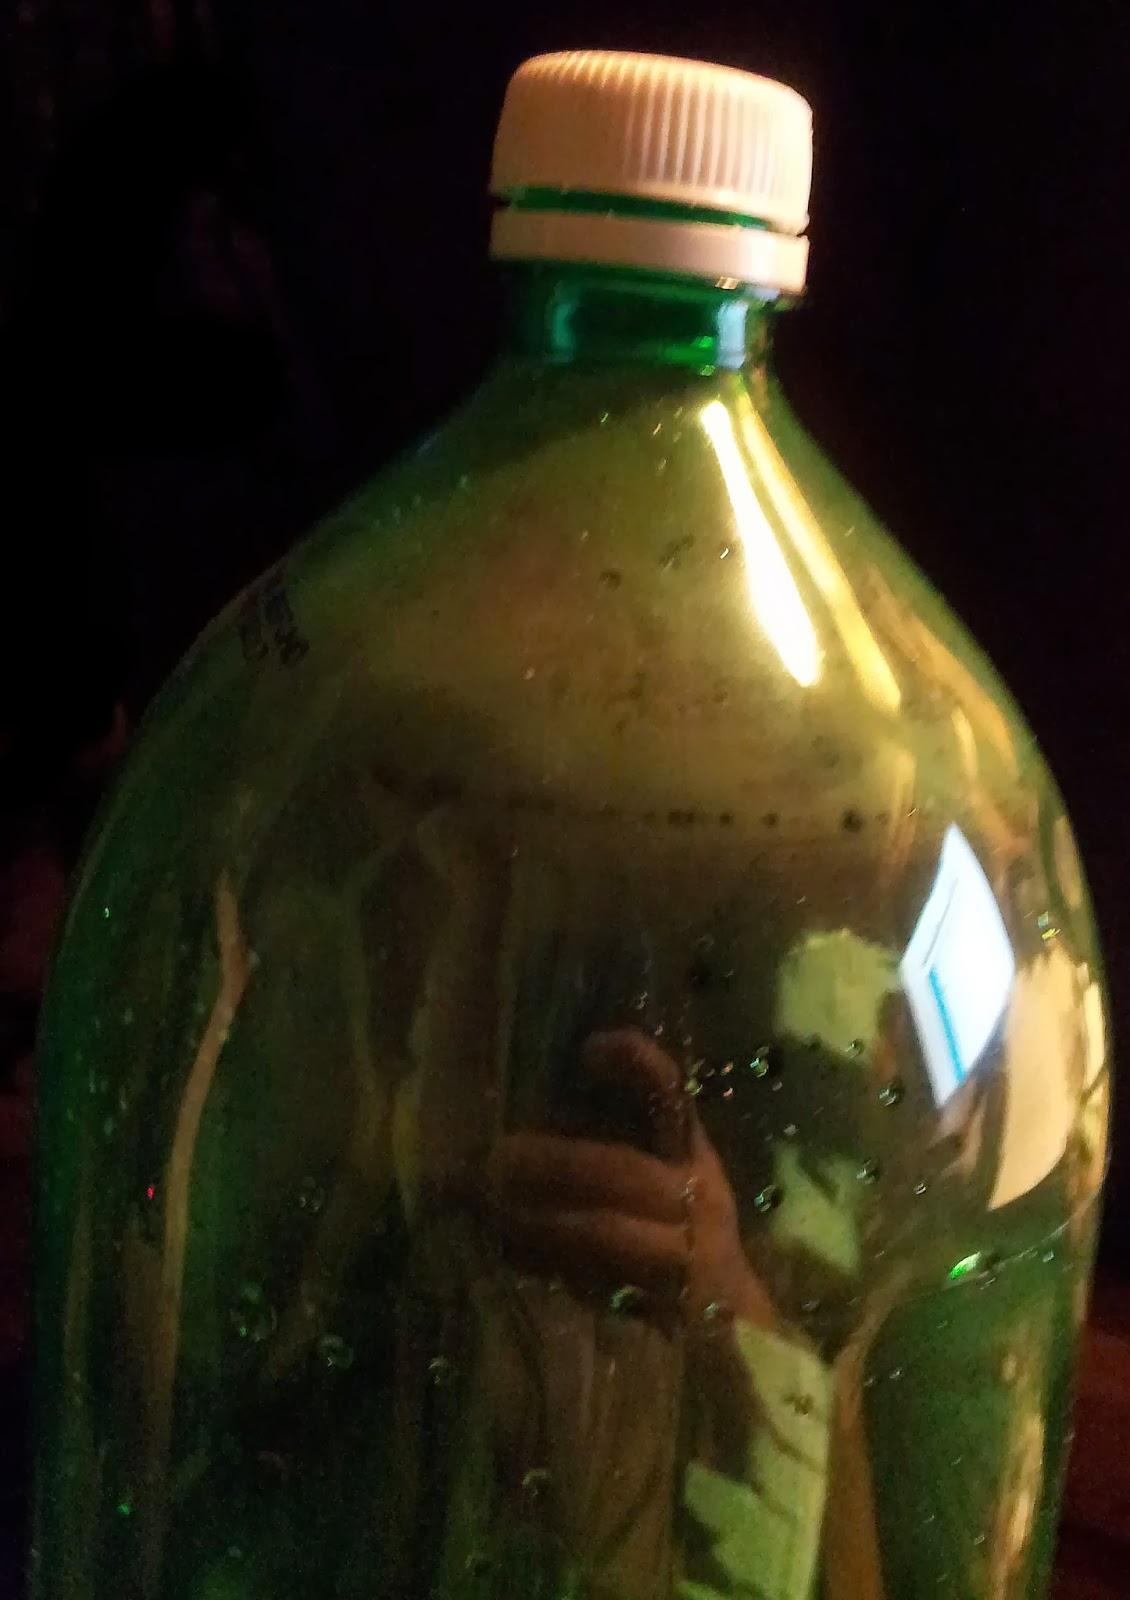 polymère, Dacron, Mylar, boisson gazeuse, eau gazéifiée, plastique, bouteille, capuchon